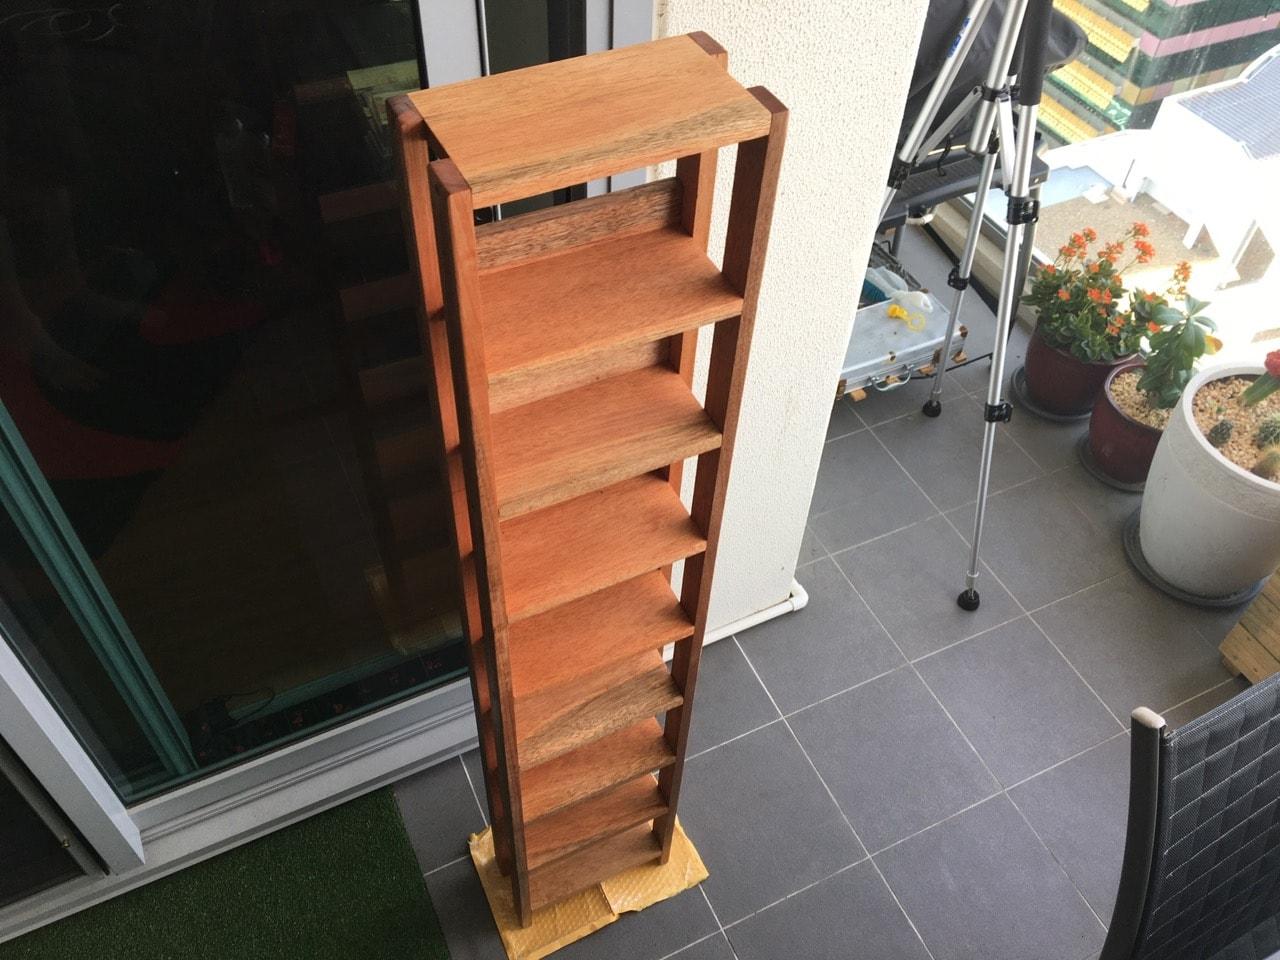 Gallery: Building a custom Atari Lynx game box storage shelf unit in